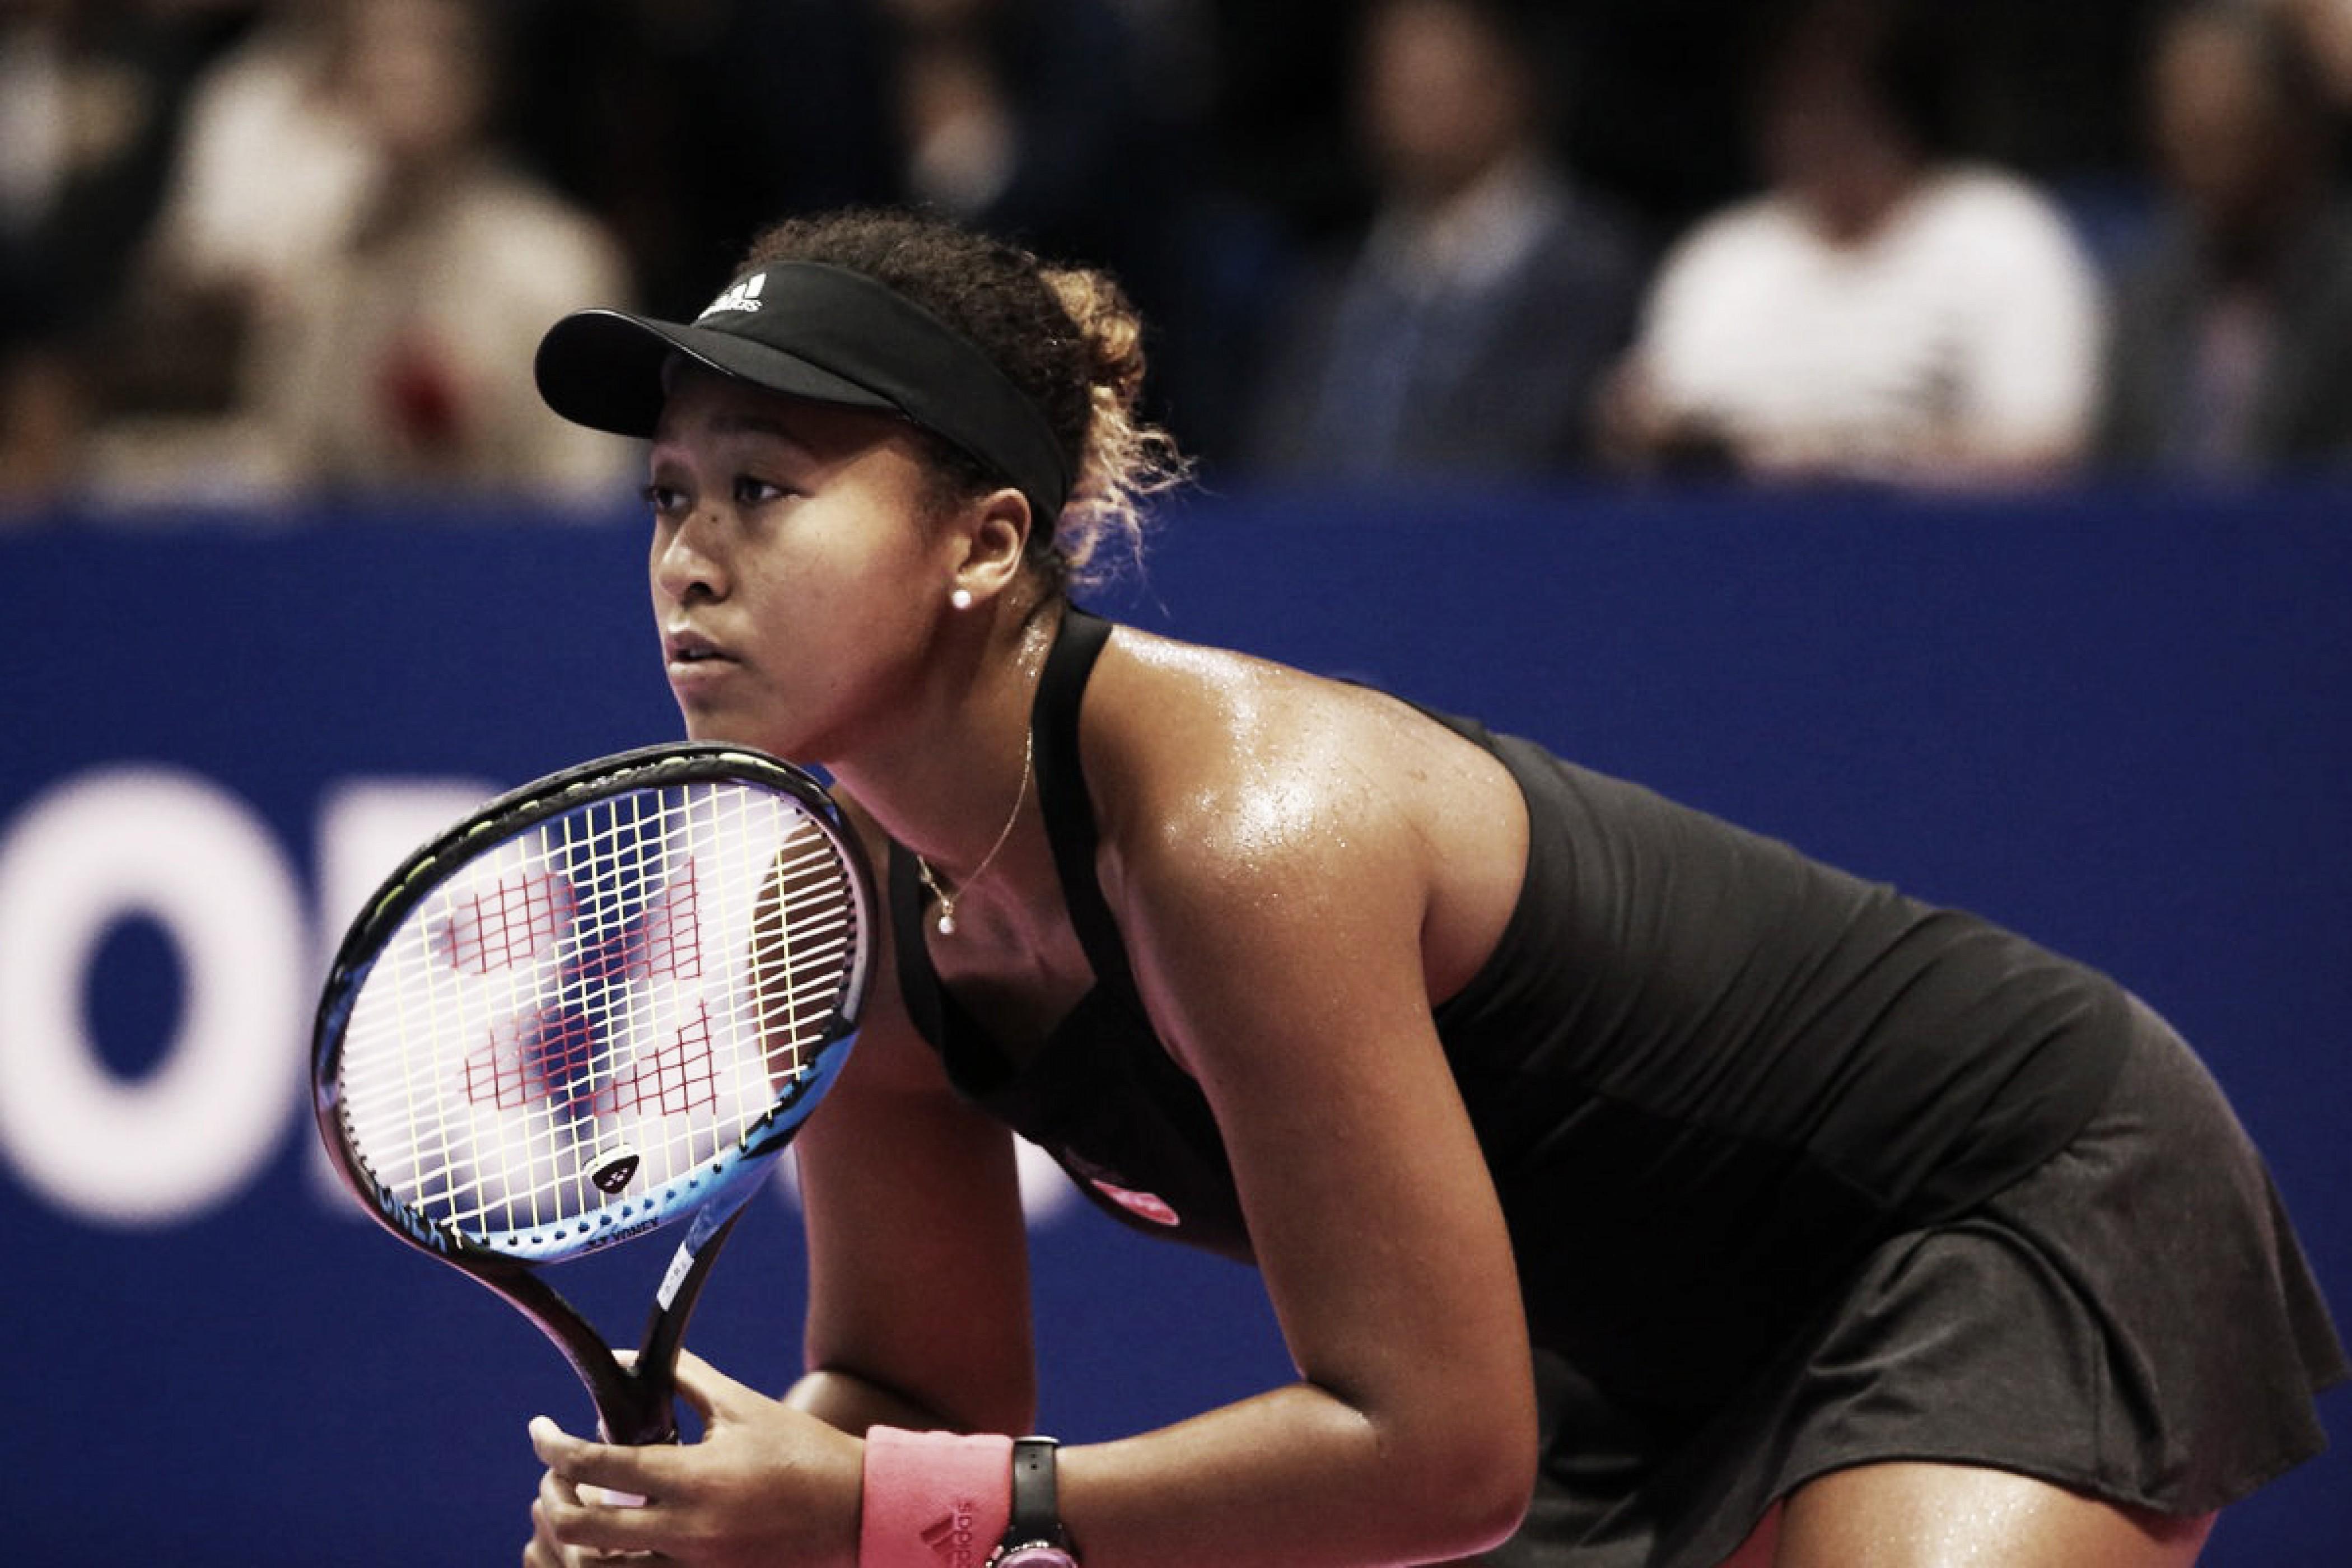 Jogando em alto nível, Osaka derrota Strycova e vai às semifinais em Tóquio